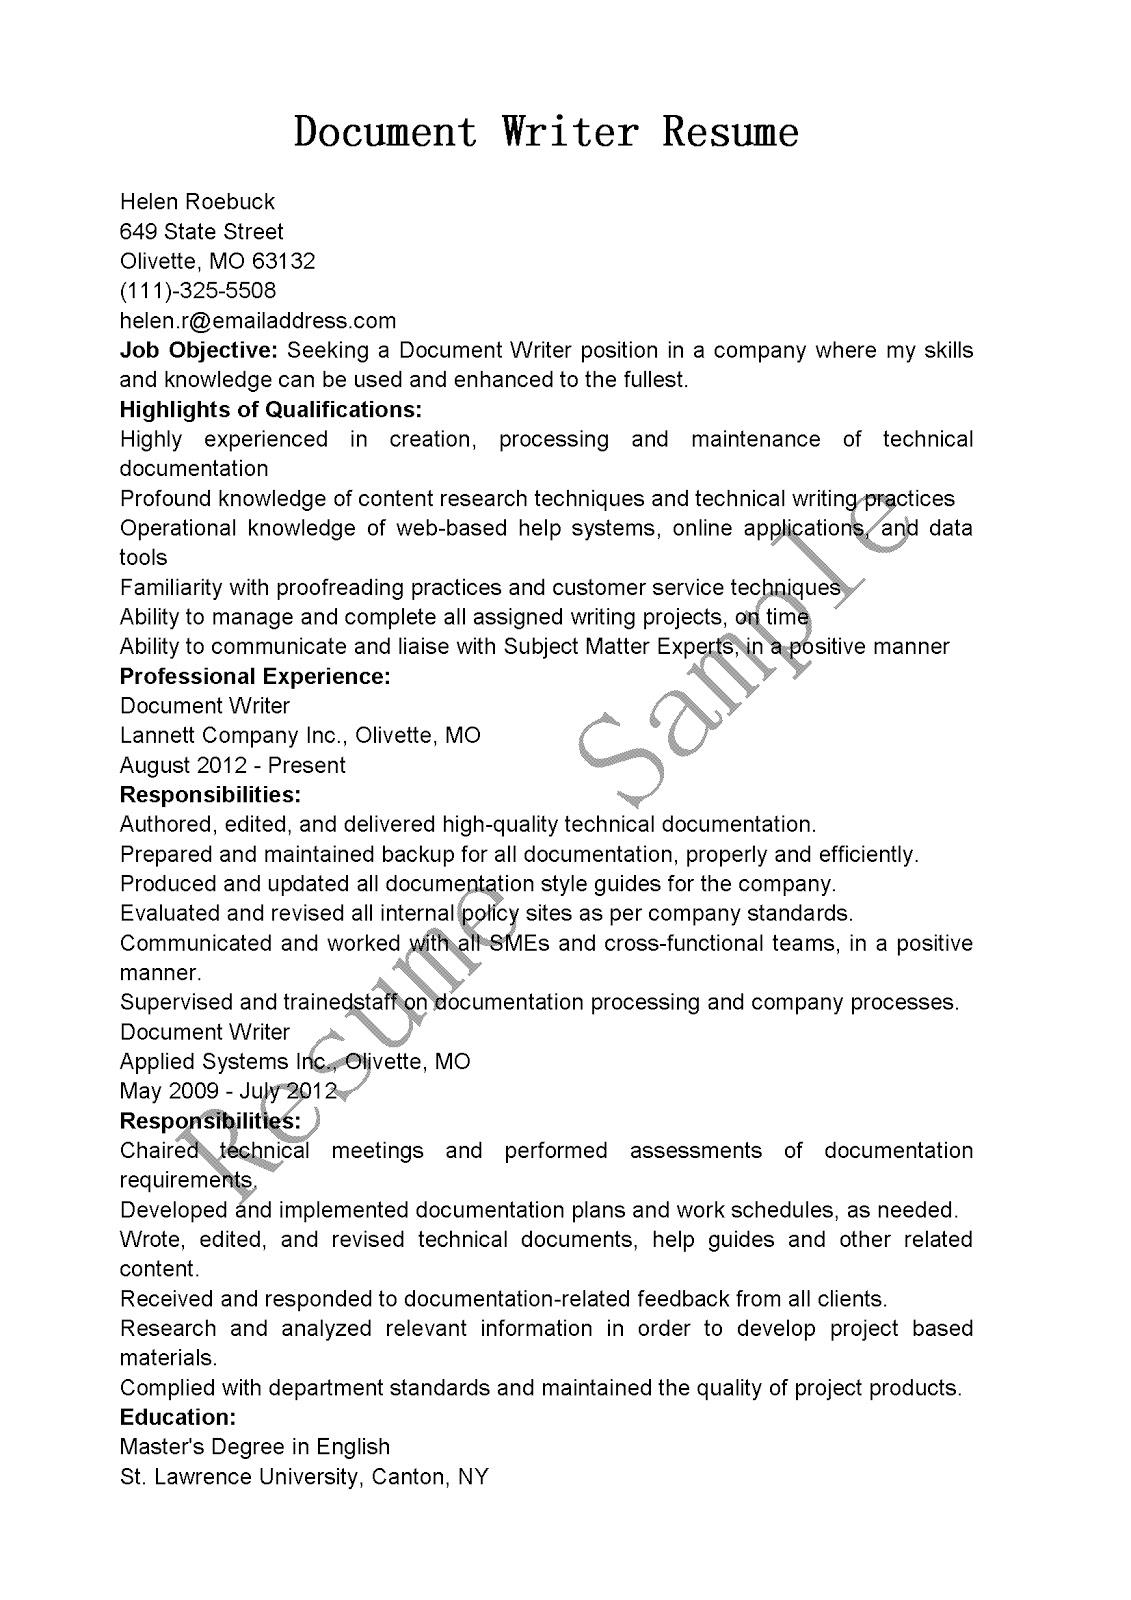 Resume Samples Document Writer Resume Sample